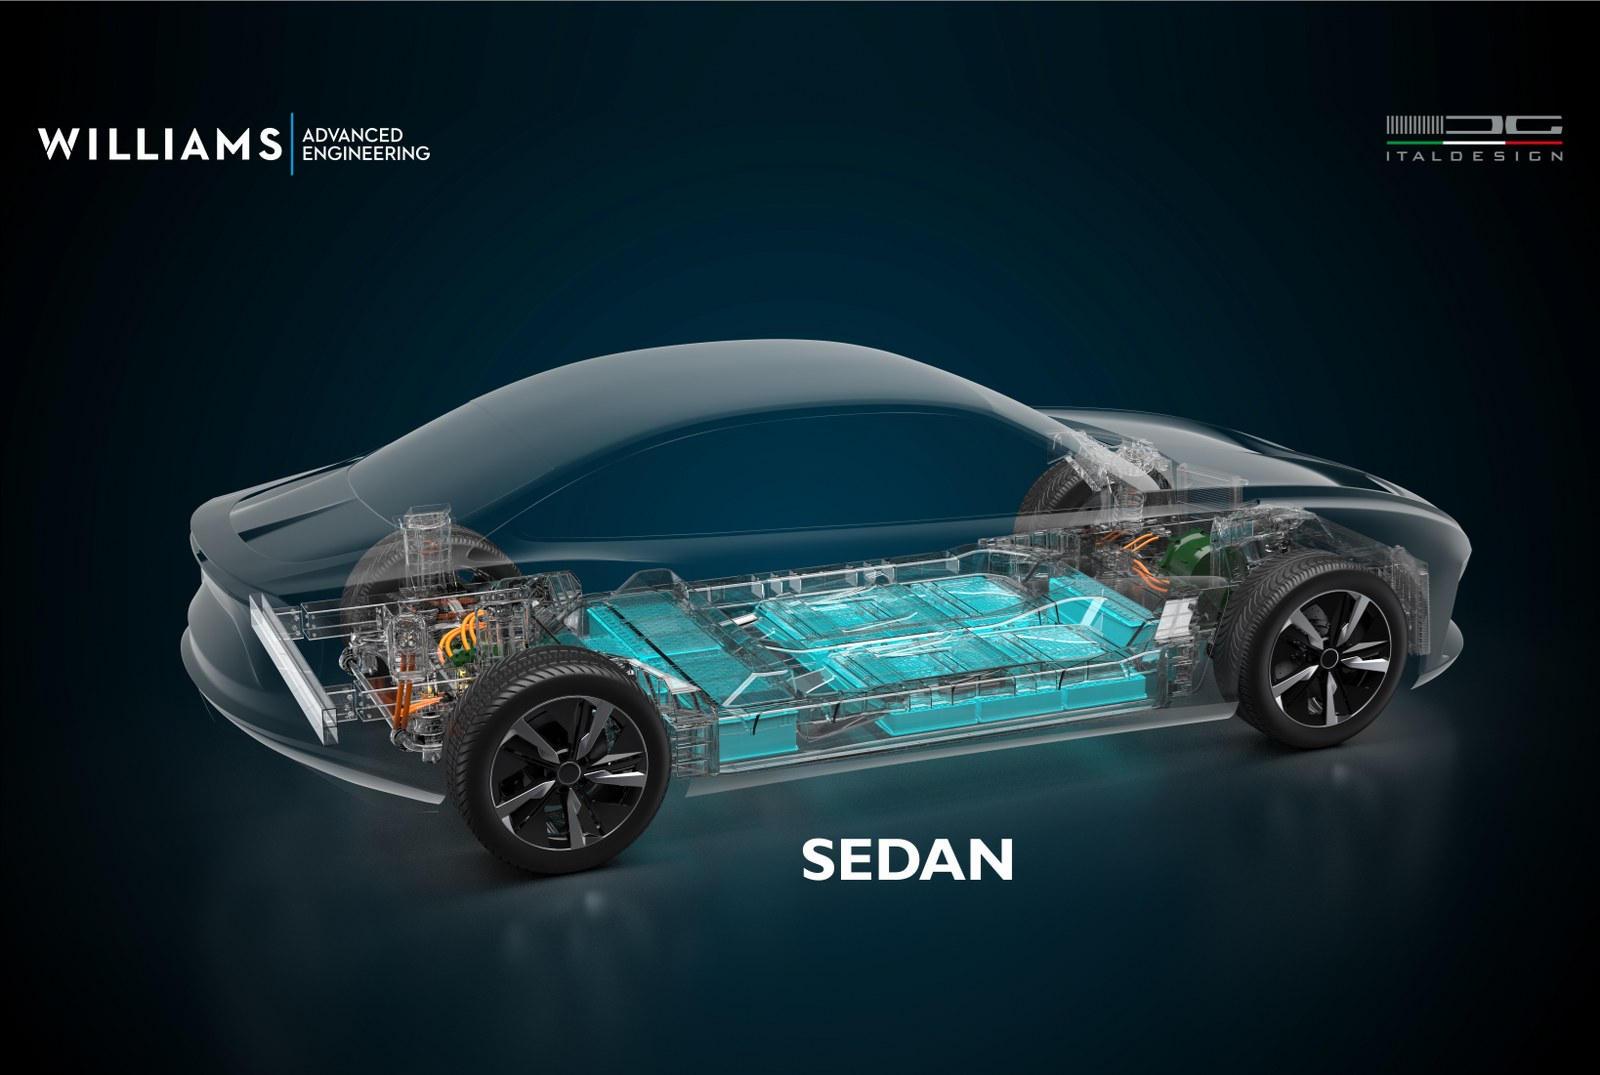 После нескольких совместных работ с автопроизводителями, последним из которых стала DLS Singer Vehicle Design, Williams Advanced Engineering представил обновление своей платформы электромобилей, которое было впервые представлено еще в 2017 году. Брит